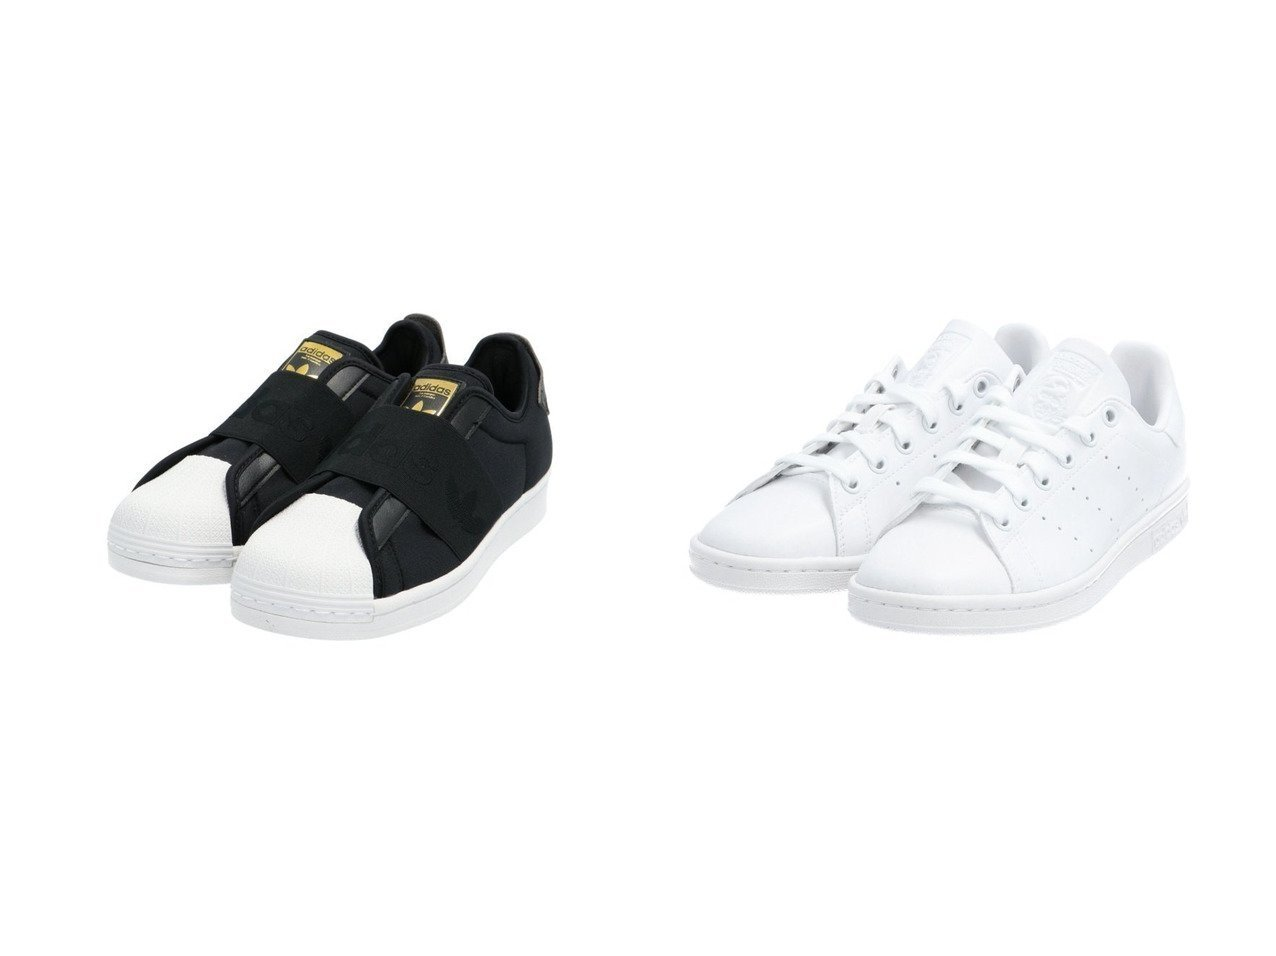 【adidas Originals/アディダス オリジナルス】のスタンスミス STAN SMITH アディダスオリジナルス&SS スリッポン SST SLIP ON アディダスオリジナルス adidasのおすすめ!人気、トレンド・レディースファッションの通販  おすすめで人気の流行・トレンド、ファッションの通販商品 メンズファッション・キッズファッション・インテリア・家具・レディースファッション・服の通販 founy(ファニー) https://founy.com/ ファッション Fashion レディースファッション WOMEN S/S 春夏 SS Spring/Summer シューズ スタイリッシュ スニーカー スリッポン 再入荷 Restock/Back in Stock/Re Arrival 定番 Standard クラシック フィット レギュラー  ID:crp329100000020207